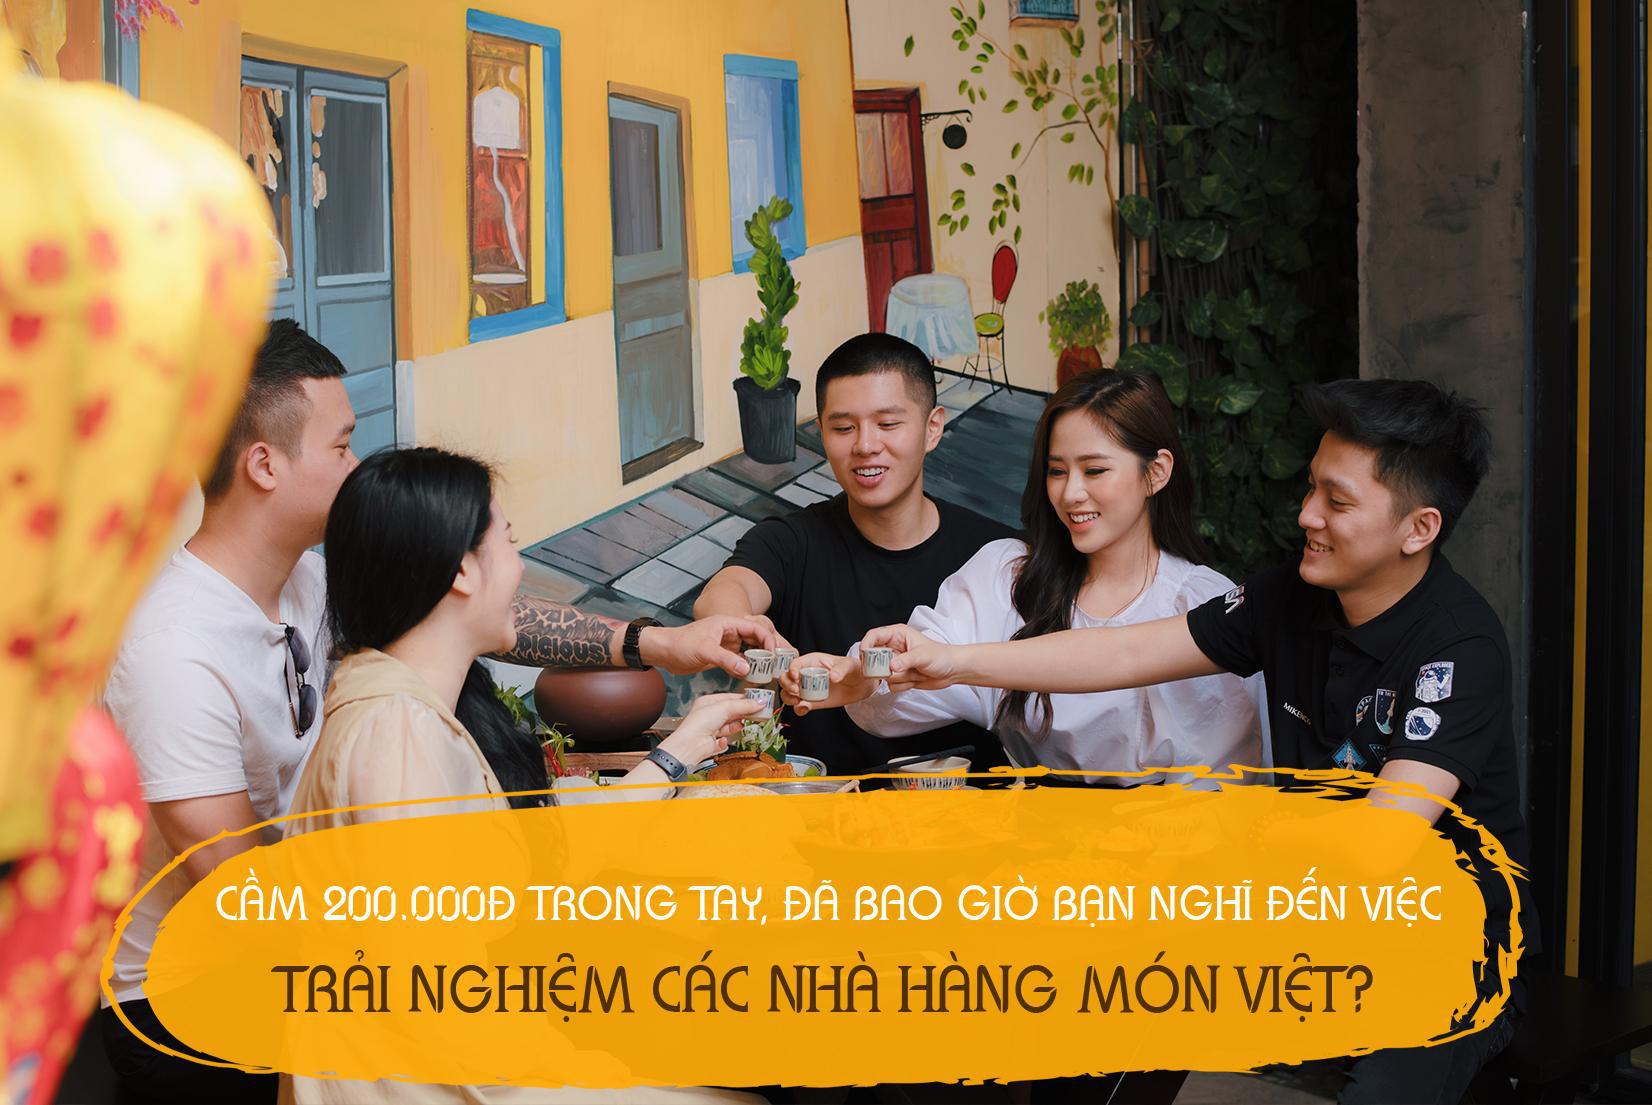 Cầm 200.000Đ trong tay, đã bao giờ bạn nghĩ đến việc trải nghiệm các nhà hàng món Việt? - Ảnh 1.